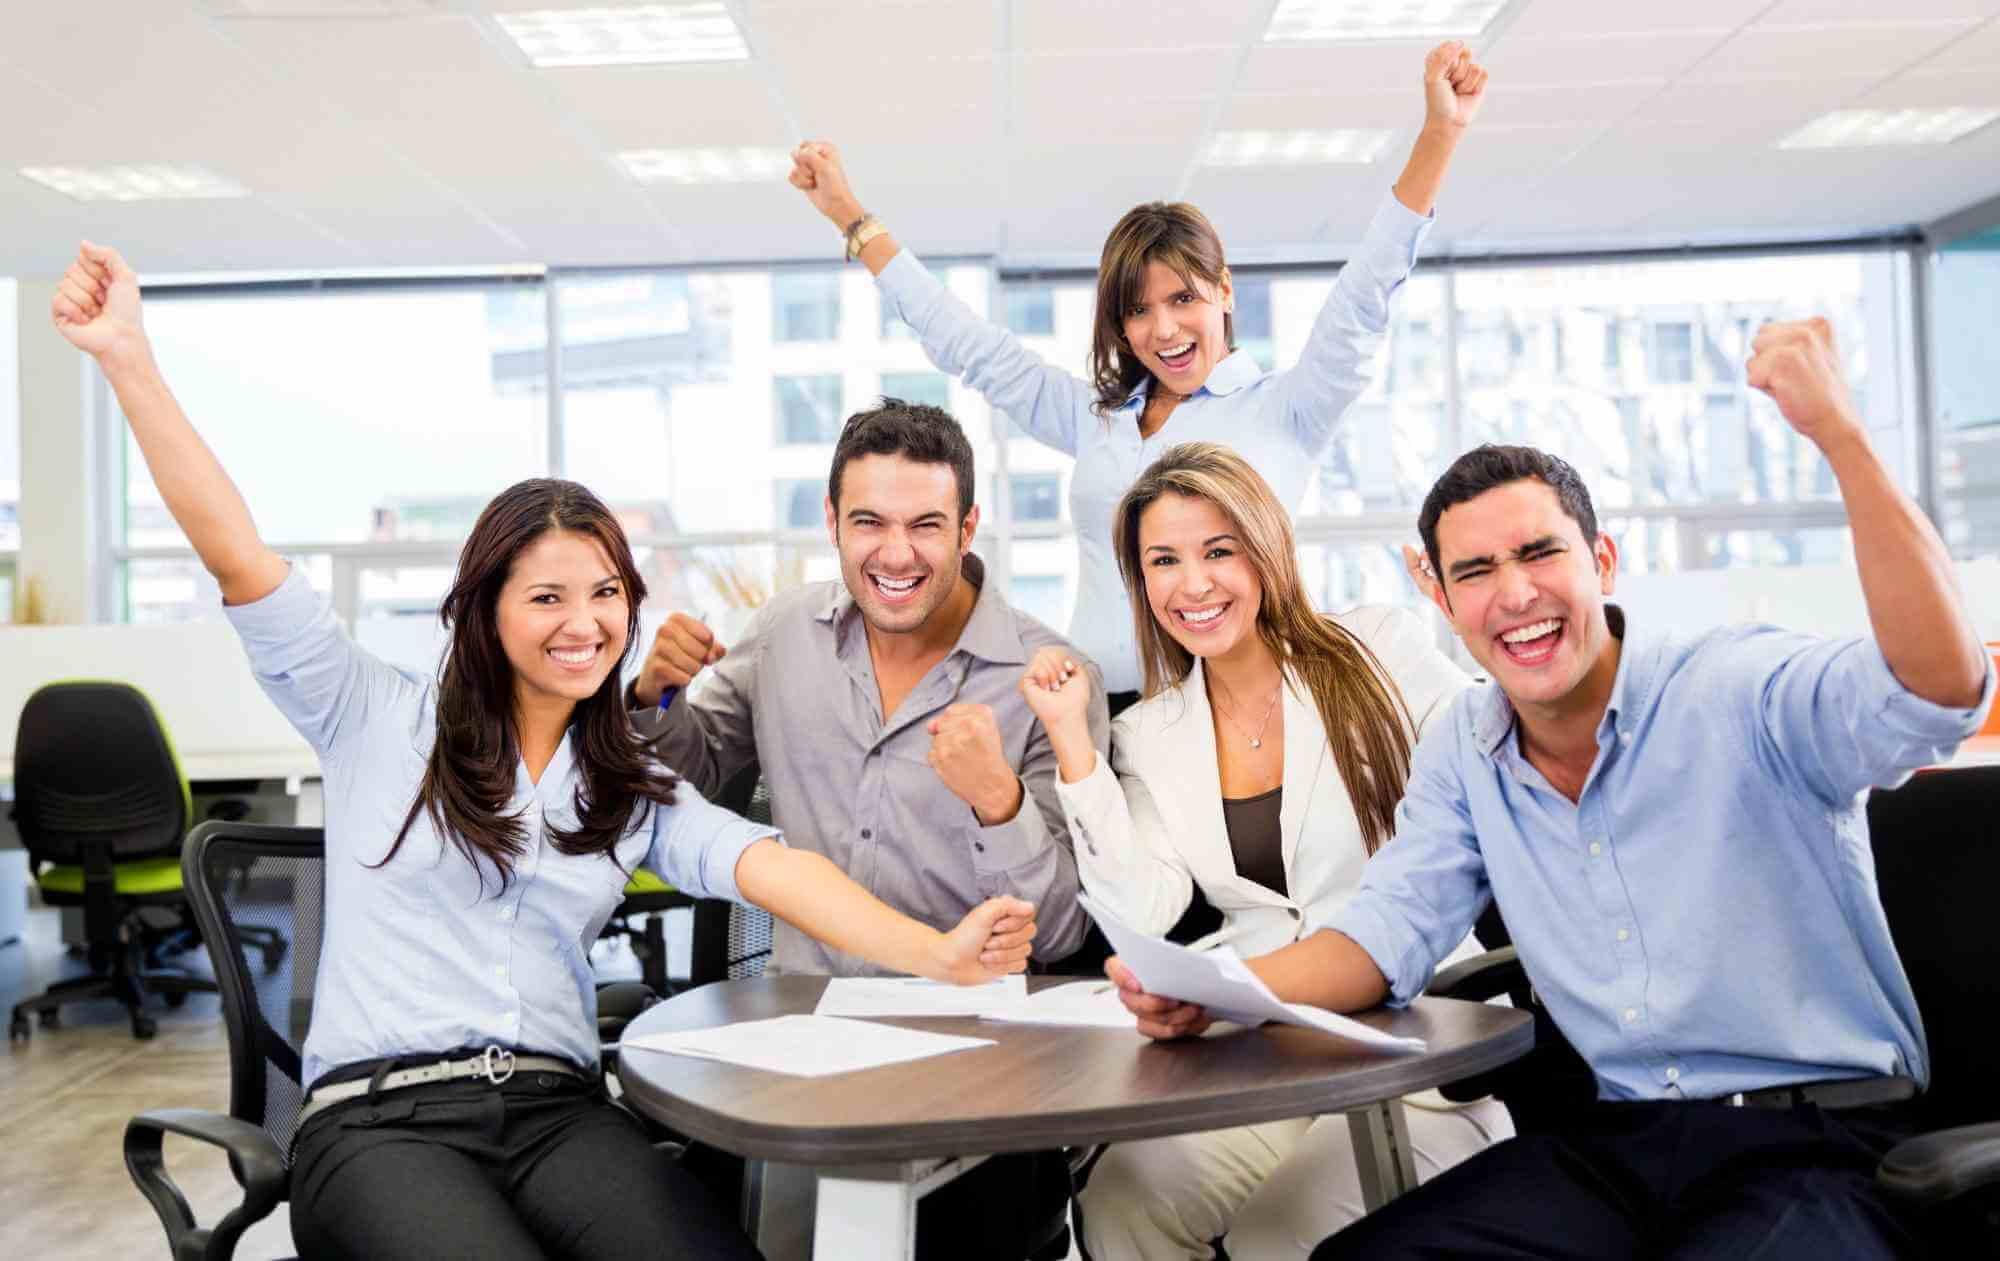 Dale impulso a tu carrera con un MBA